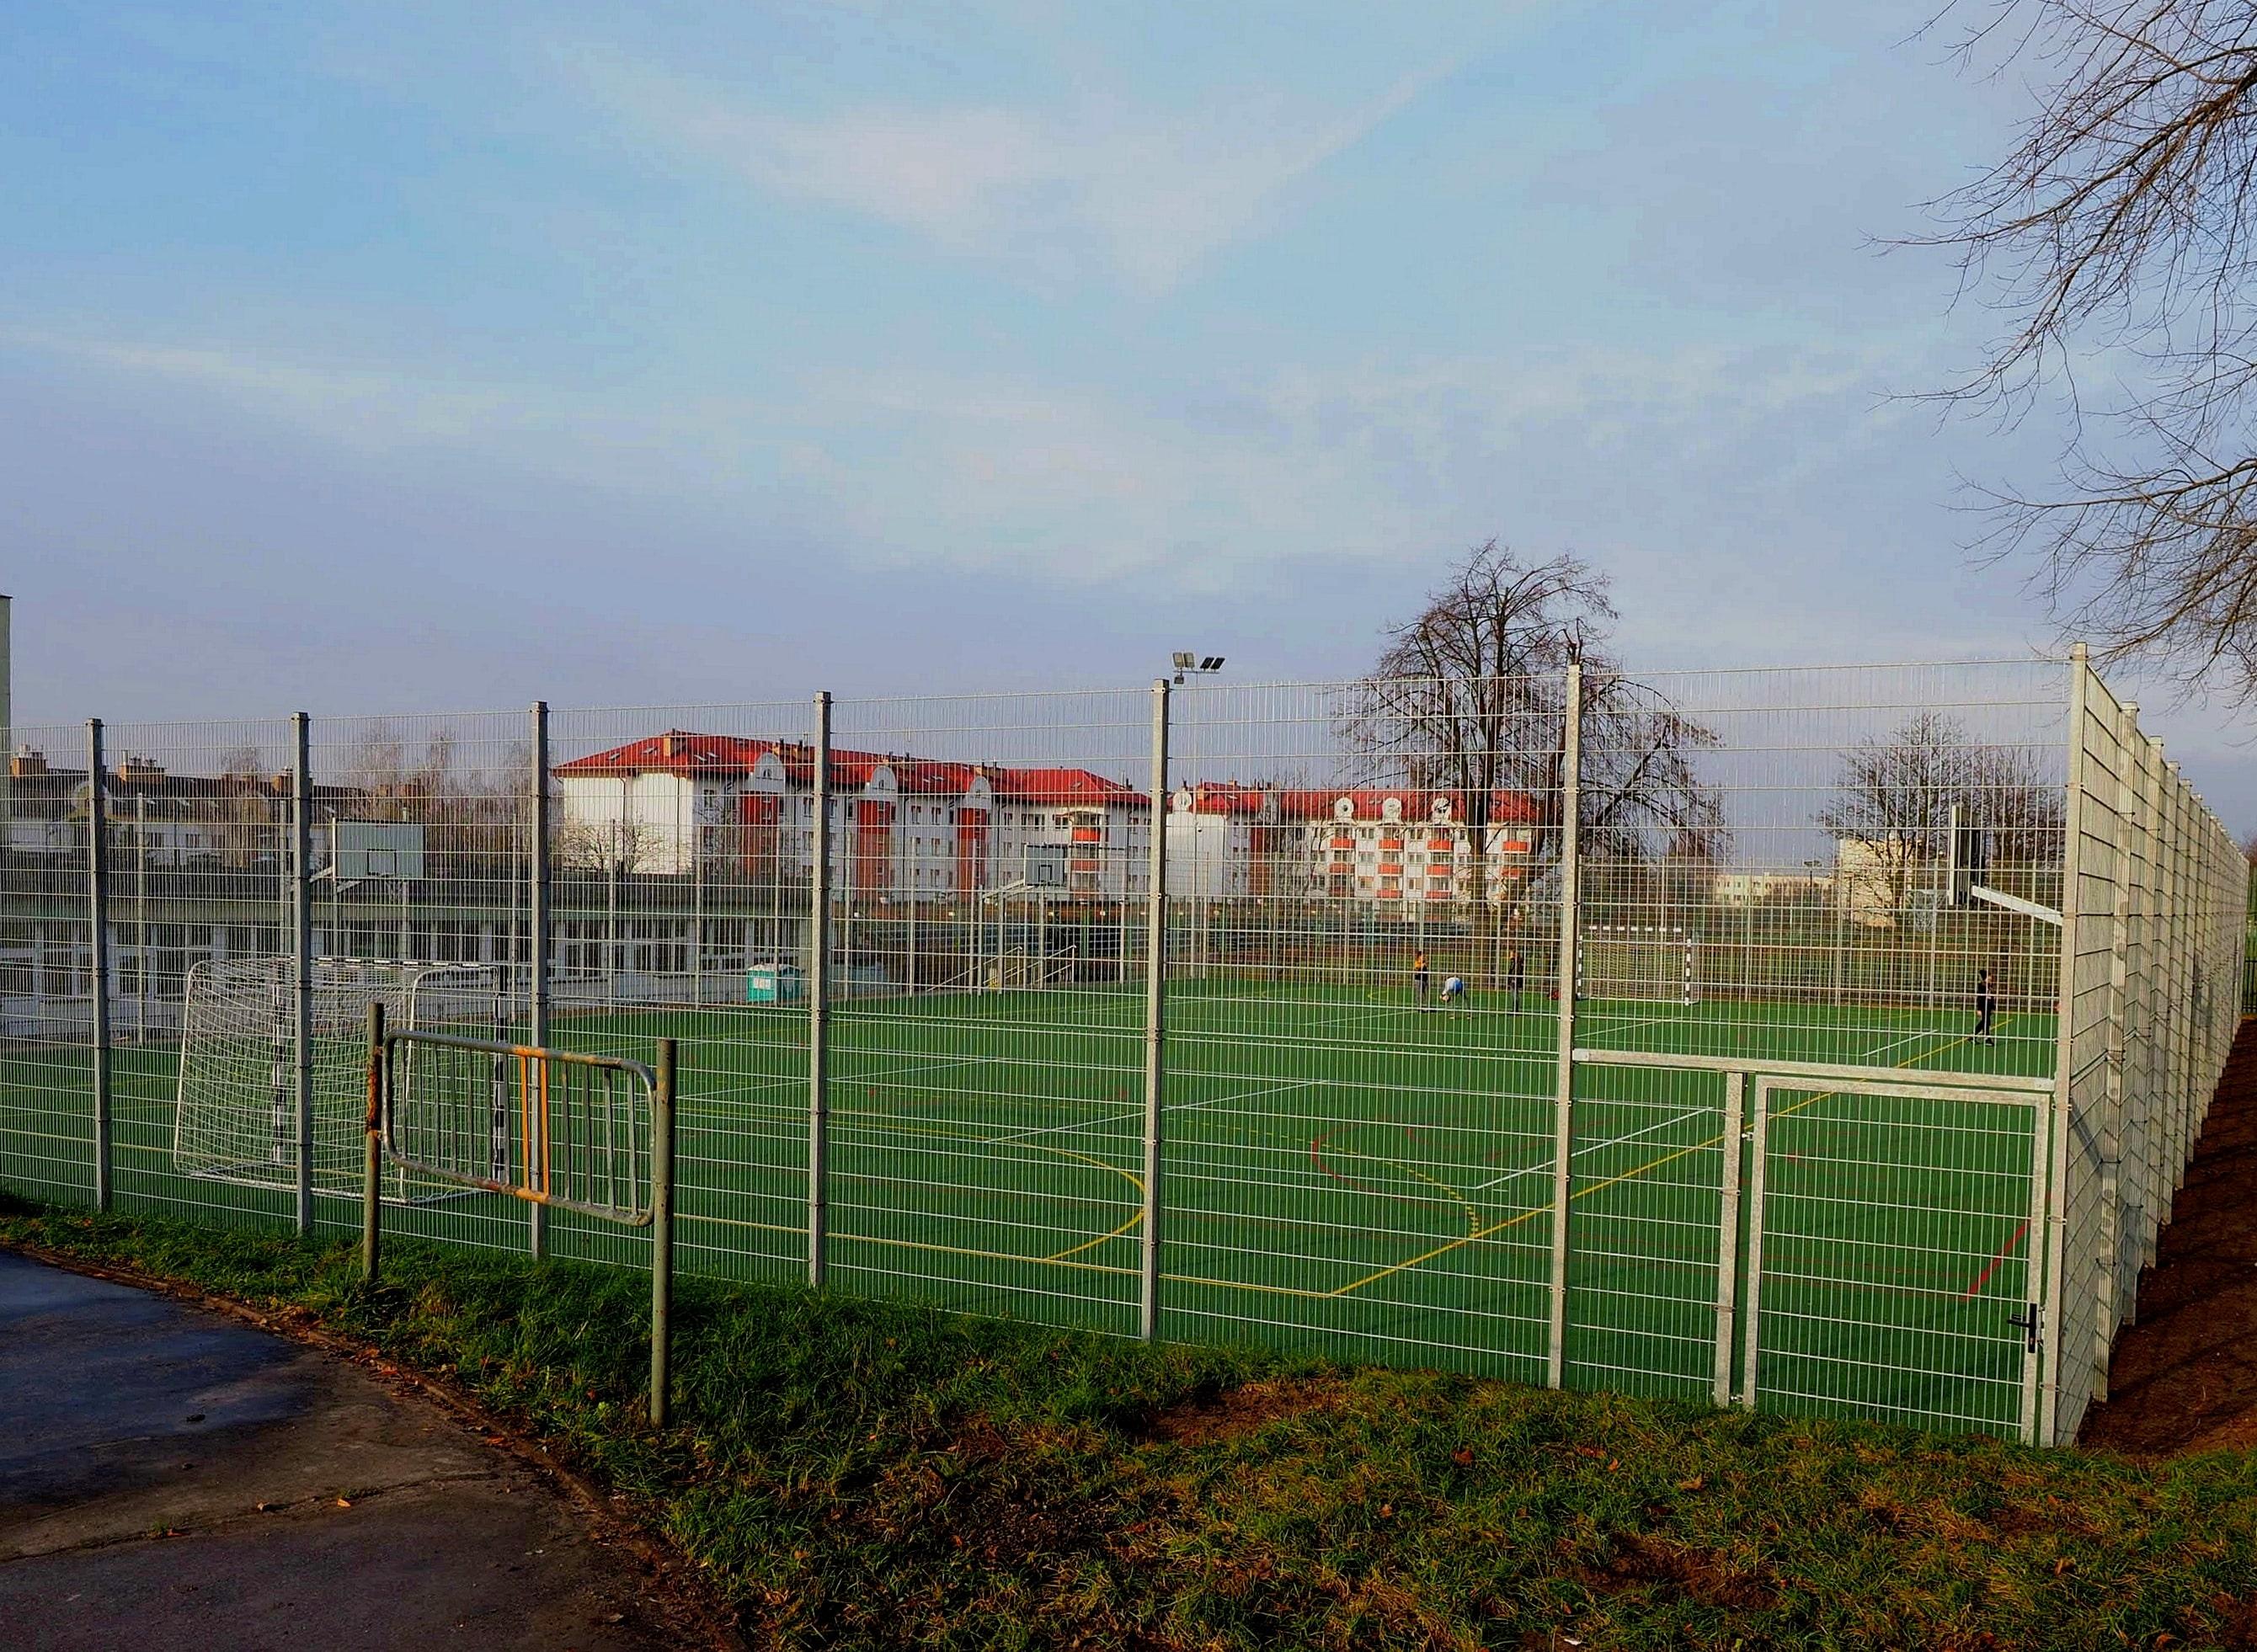 Szkoła Podstawowa nr 30 w Lublinie ma już zmodernizowane boisko wielofunkcyjne - Zdjęcie główne